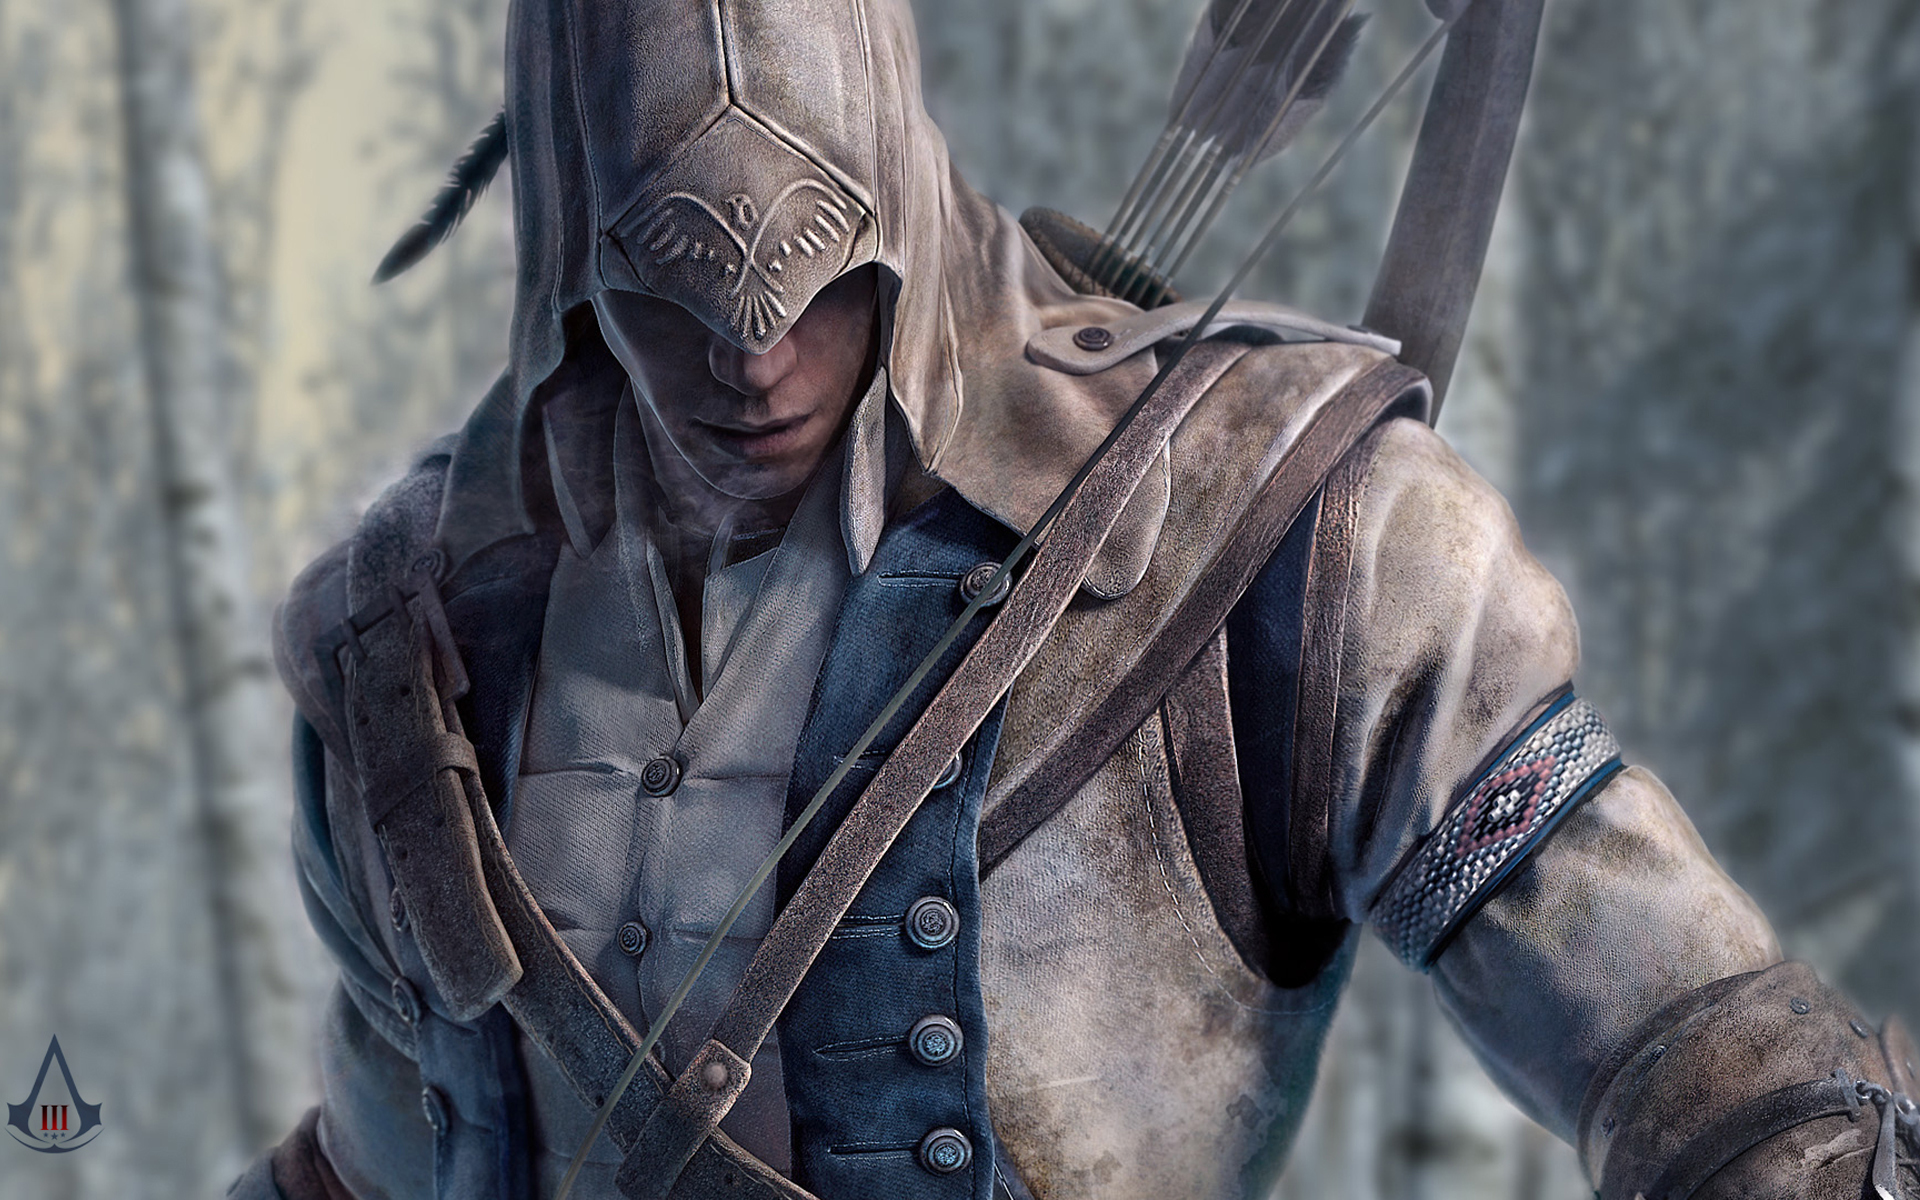 21377 скачать обои Игры, Кредо Убийцы (Assassin's Creed) - заставки и картинки бесплатно